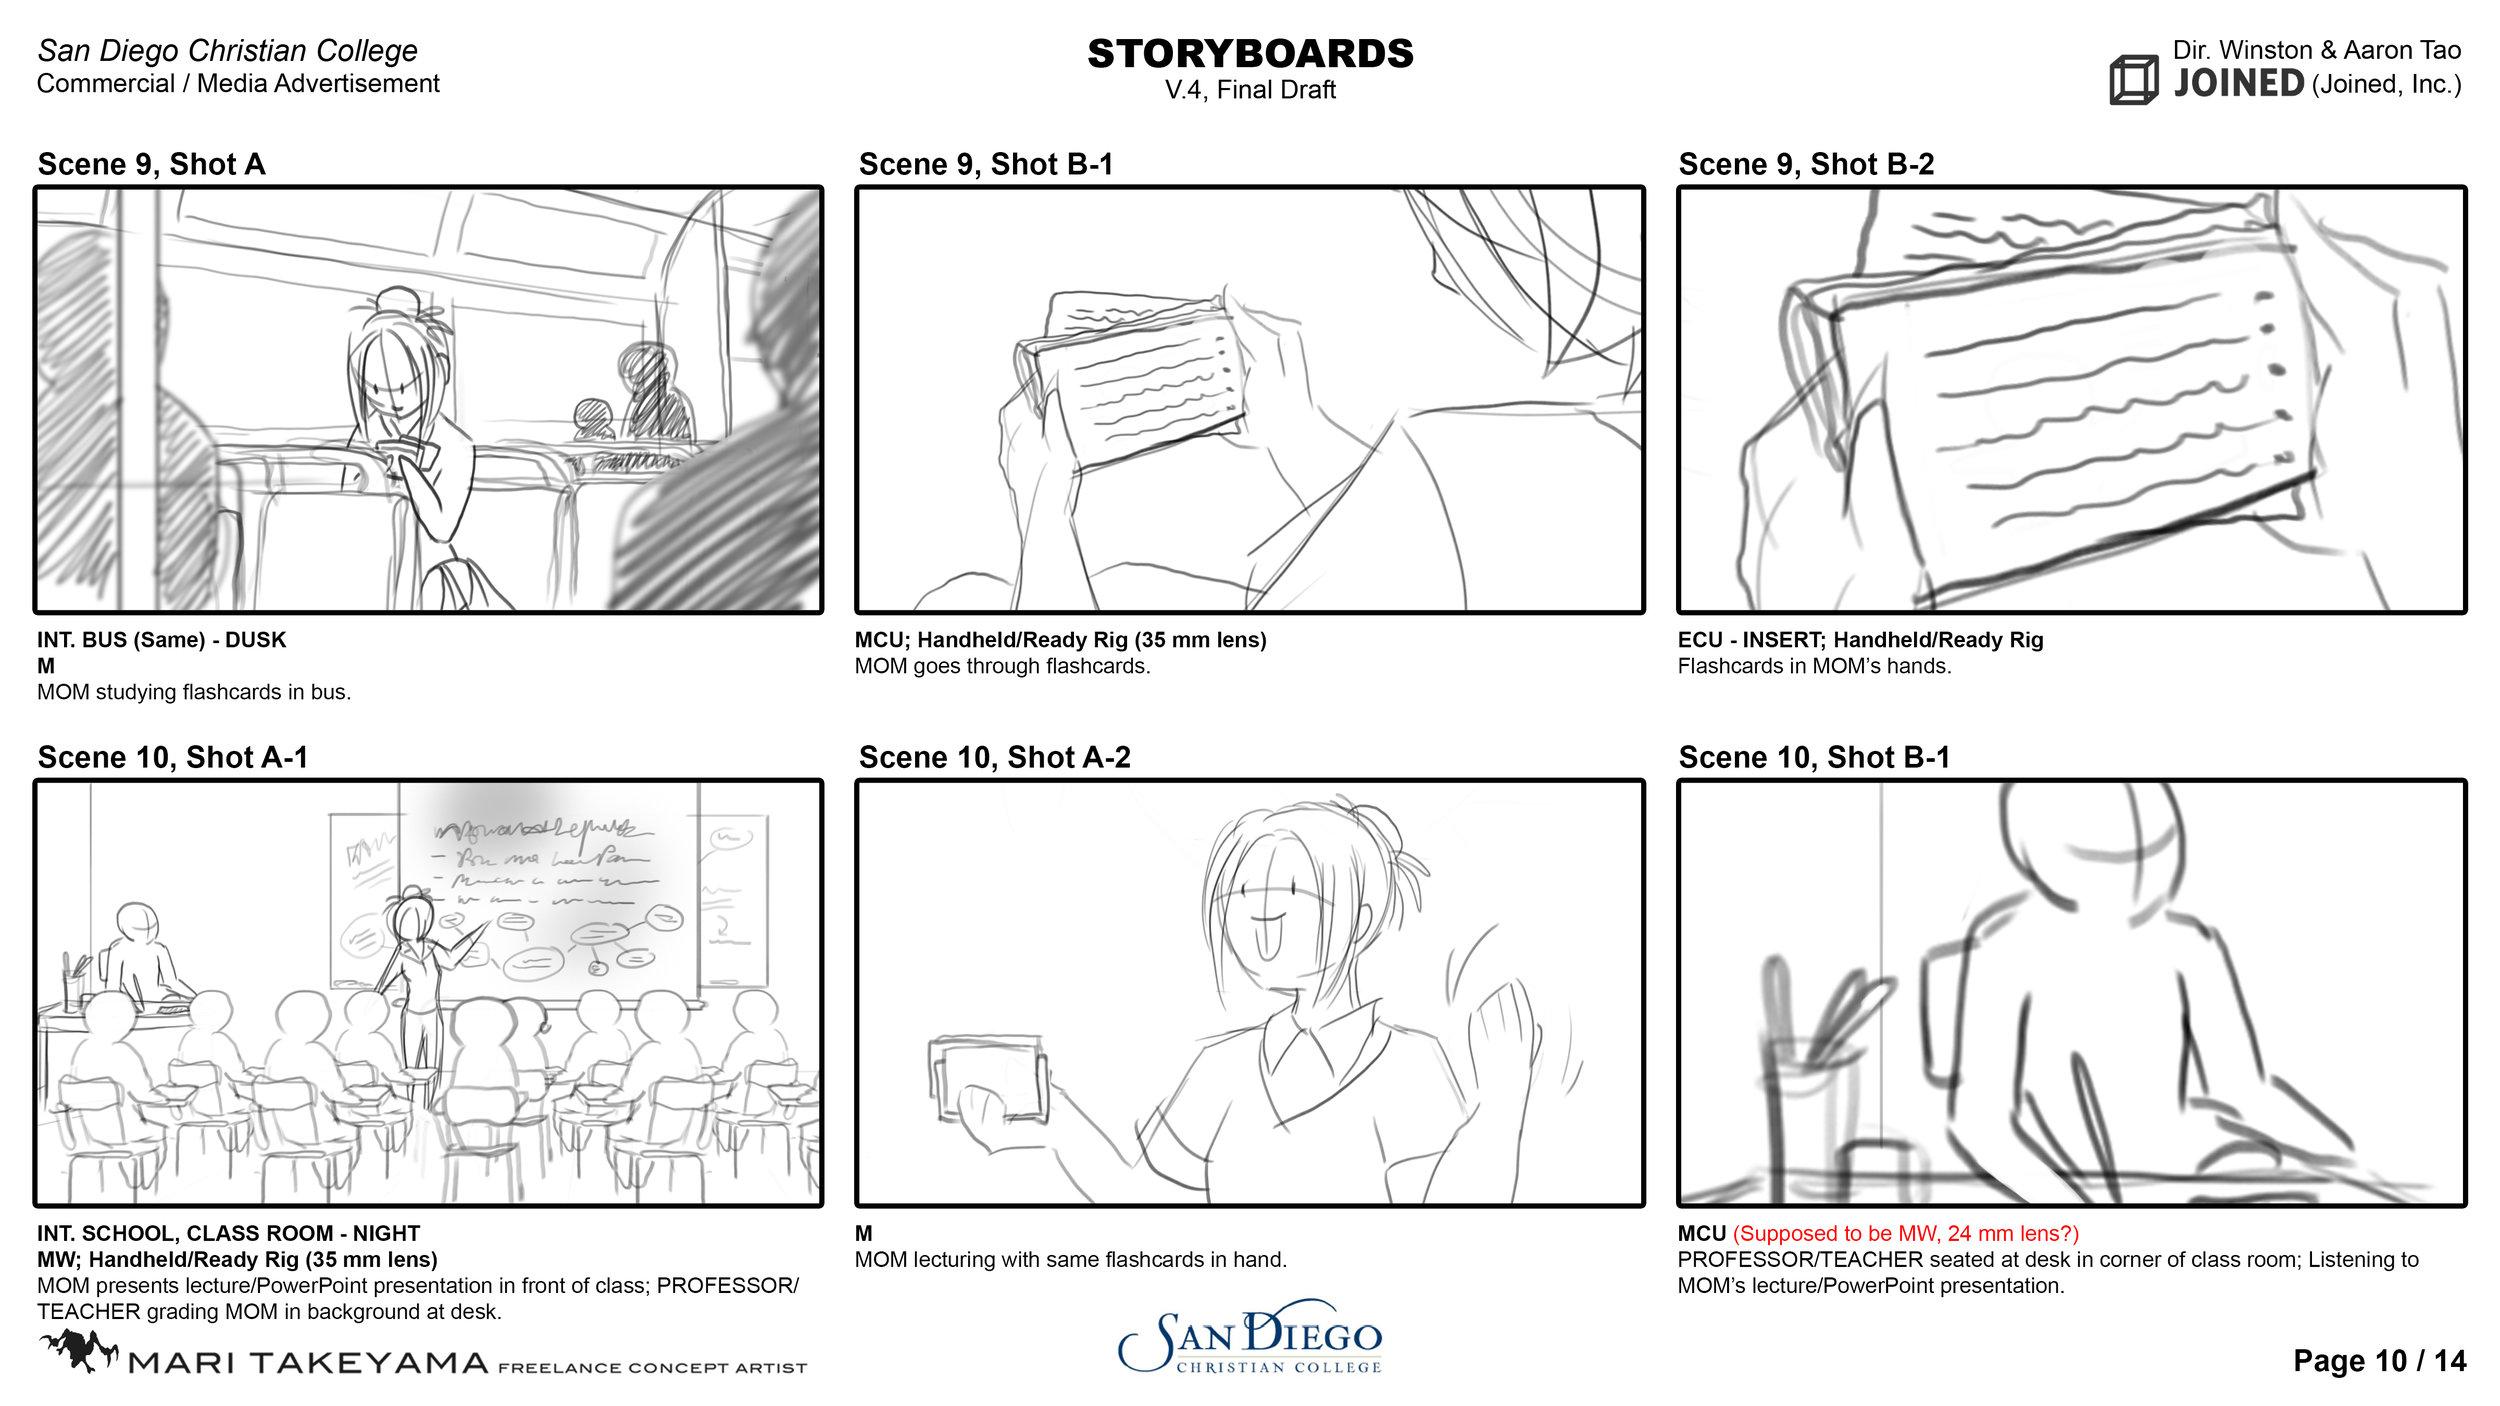 SDCC_Storyboards_FinalDraft_13.jpg